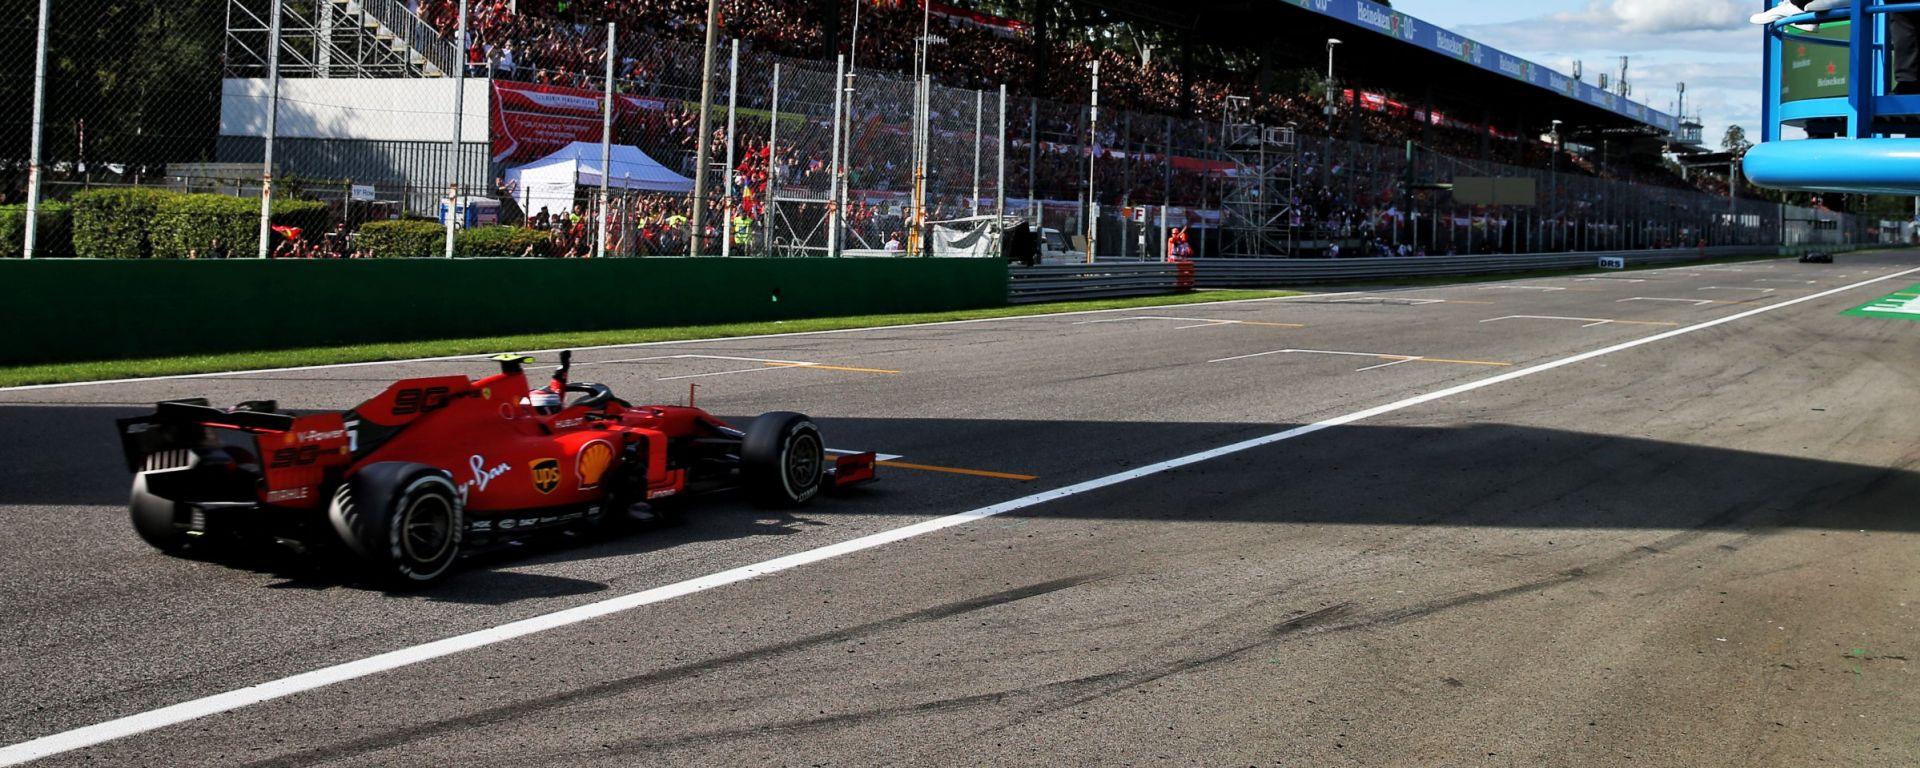 F1, GP Italia 2019: Charles Leclerc (Ferrari) taglia il traguardo da vincitore